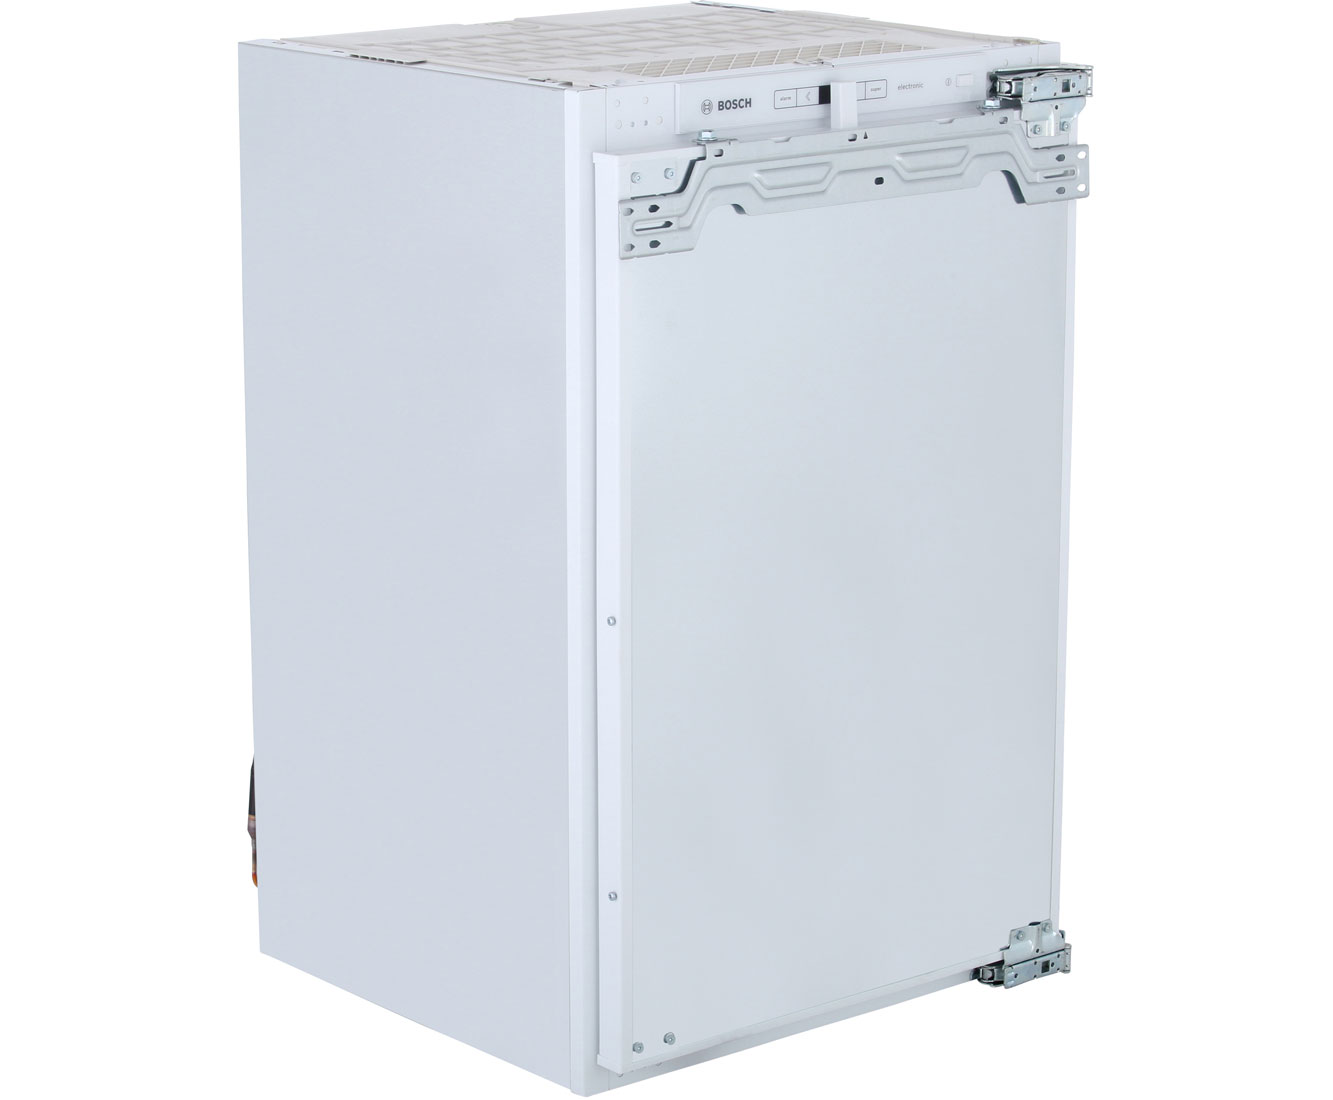 Bosch Kühlschrank Einbau Mit Festtürmontage : Bosch serie kir ad einbau kühlschrank er nische festtür